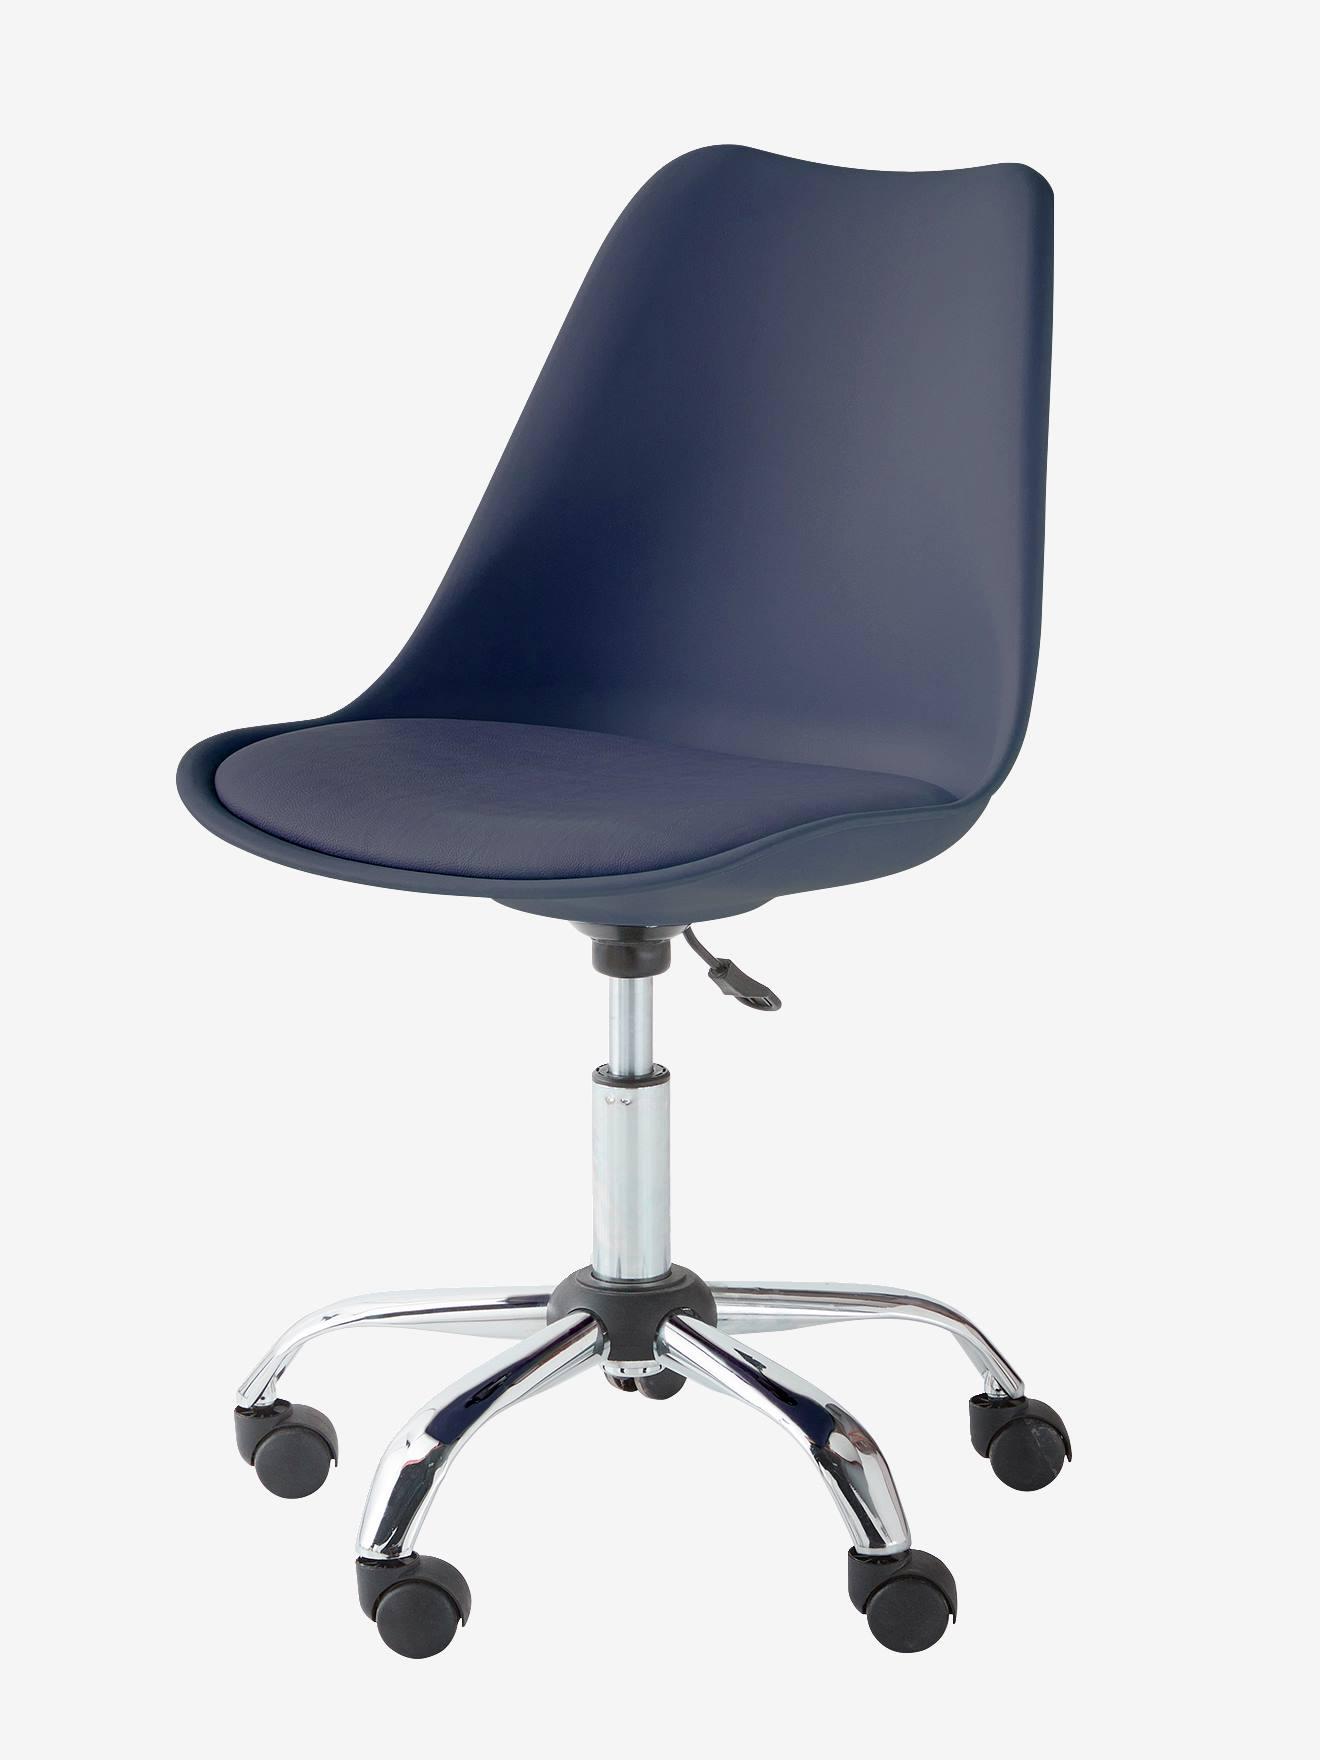 chaise de bureau primaire a roulettes bleu marine